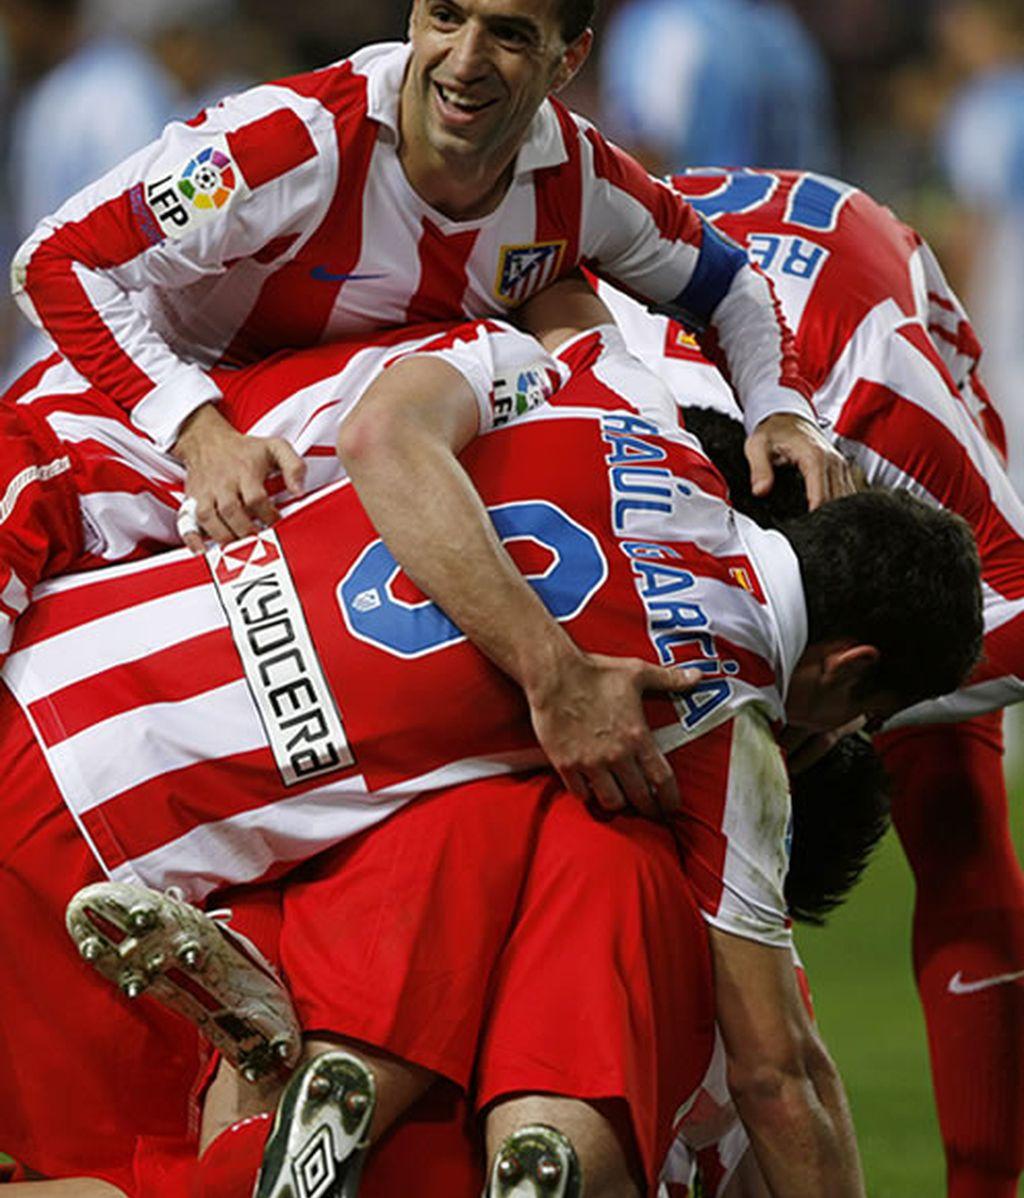 Los colchoneros celebran el gol de Domínguez que coloca el 0-2 en el marcador